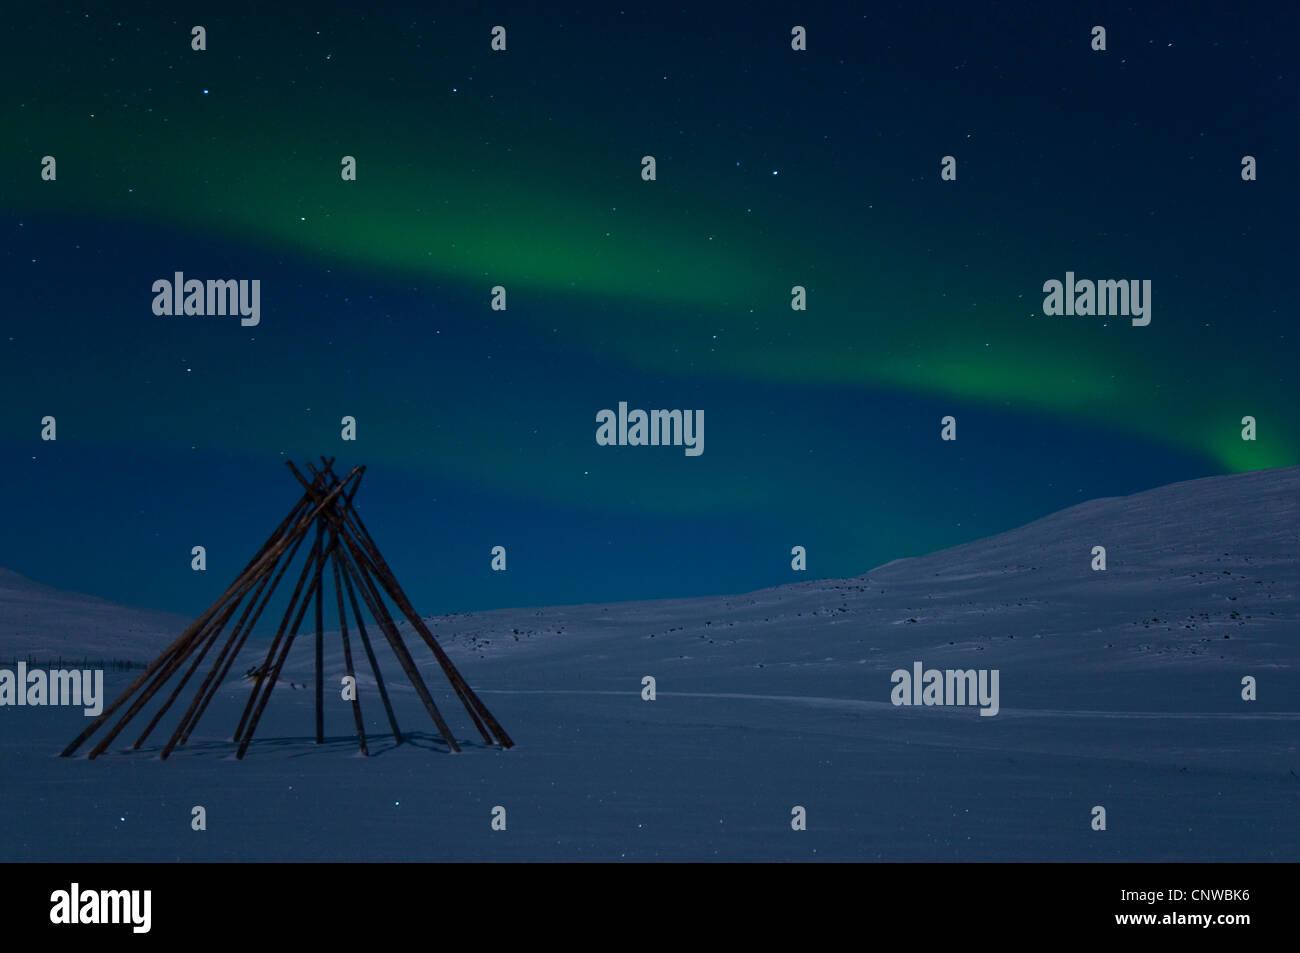 Rahmen einer Sami-Zelt in Polarlichter (Aurora Borealis), Schweden ...